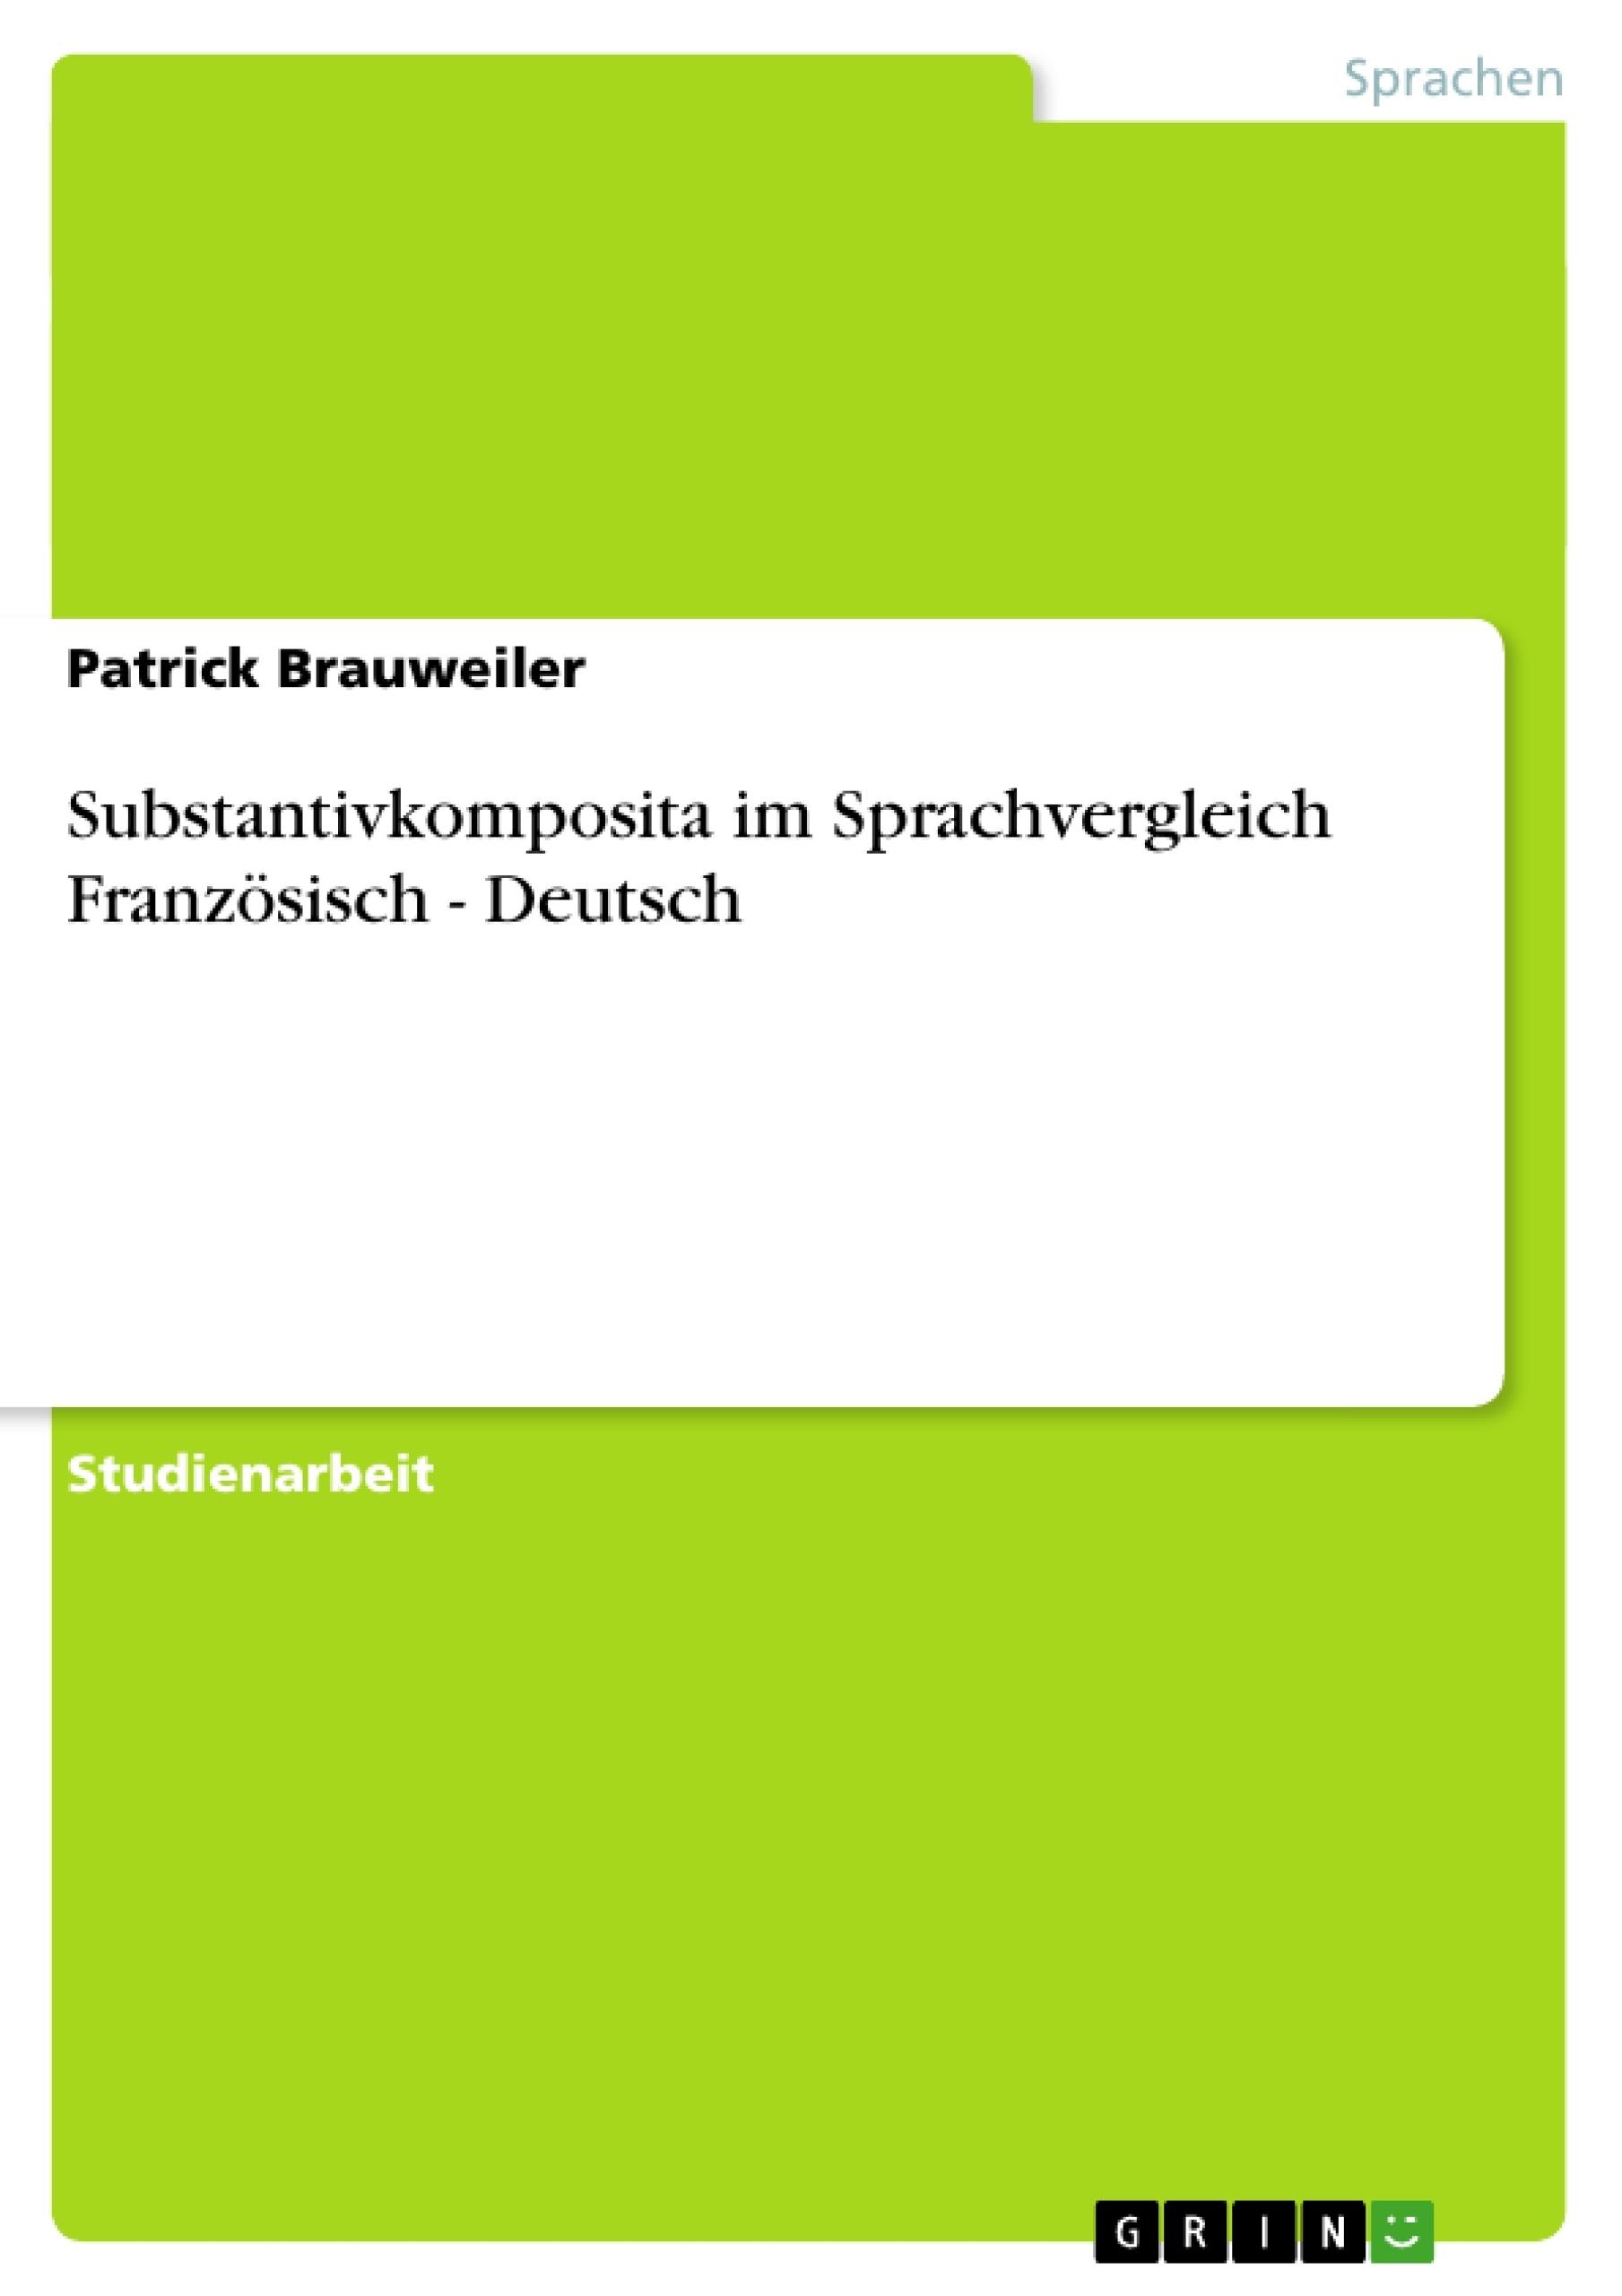 Titel: Substantivkomposita im Sprachvergleich Französisch - Deutsch